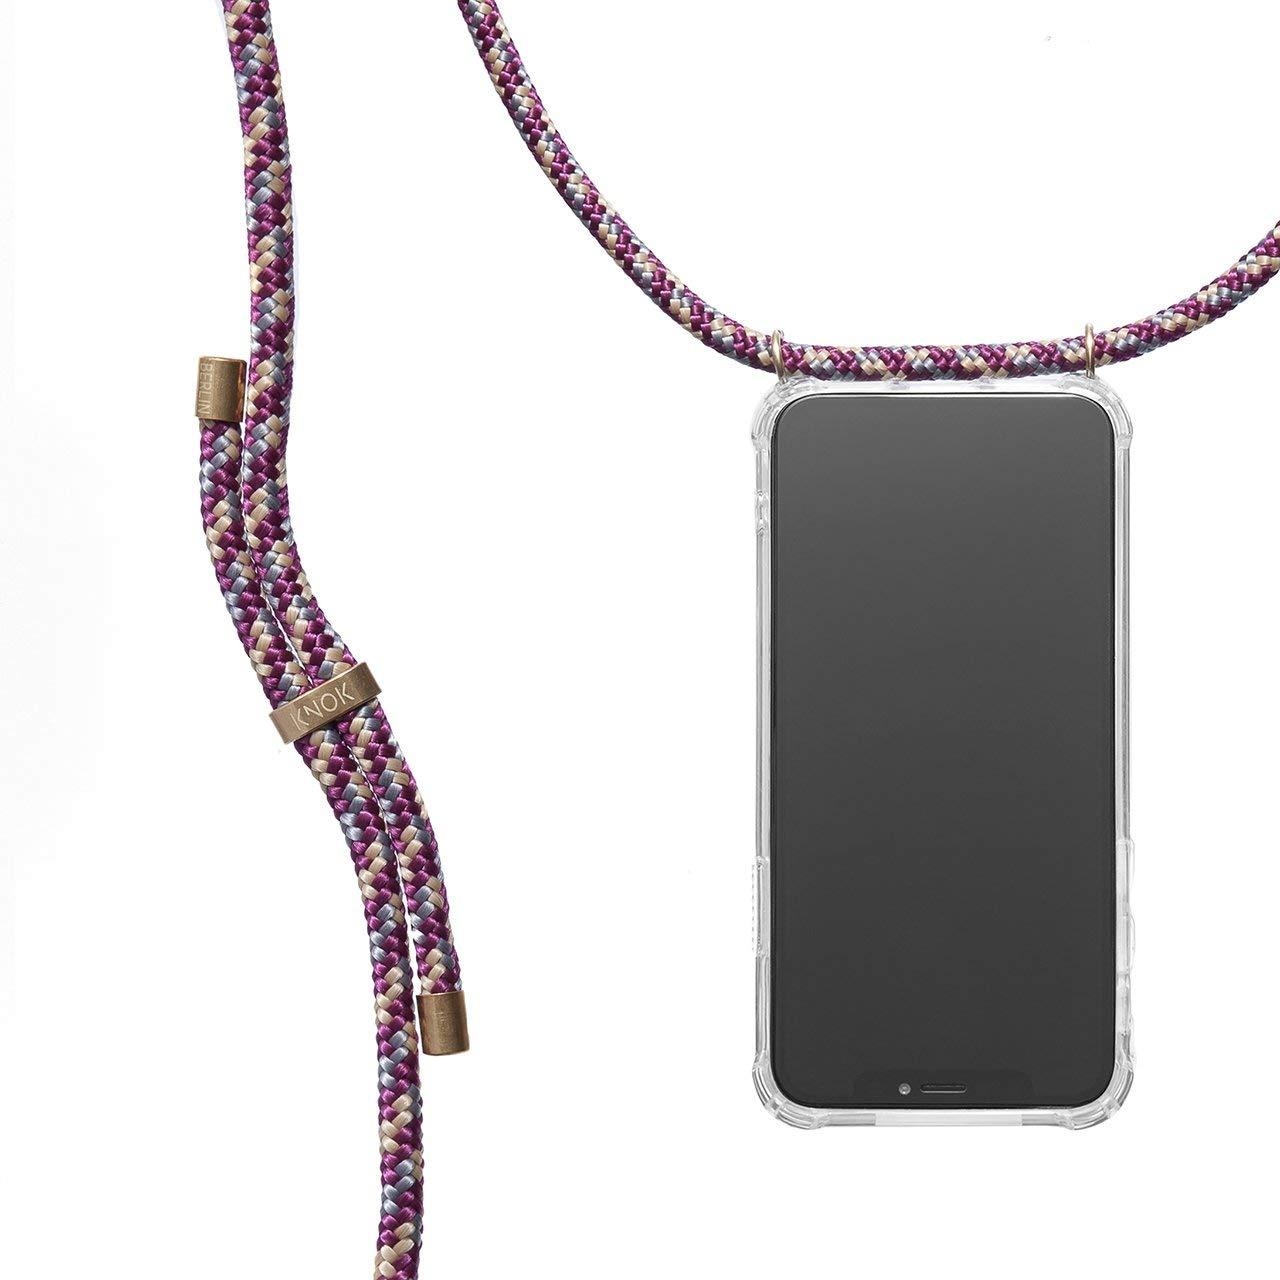 Hecho a Mano en Berlin con Cordon para Llevar en el Cuello Funda para iPhone//Samsung//Huawei con Correa Colgante KNOK case KNOK Carcasa de movil con Cuerda para Colgar iPhone X